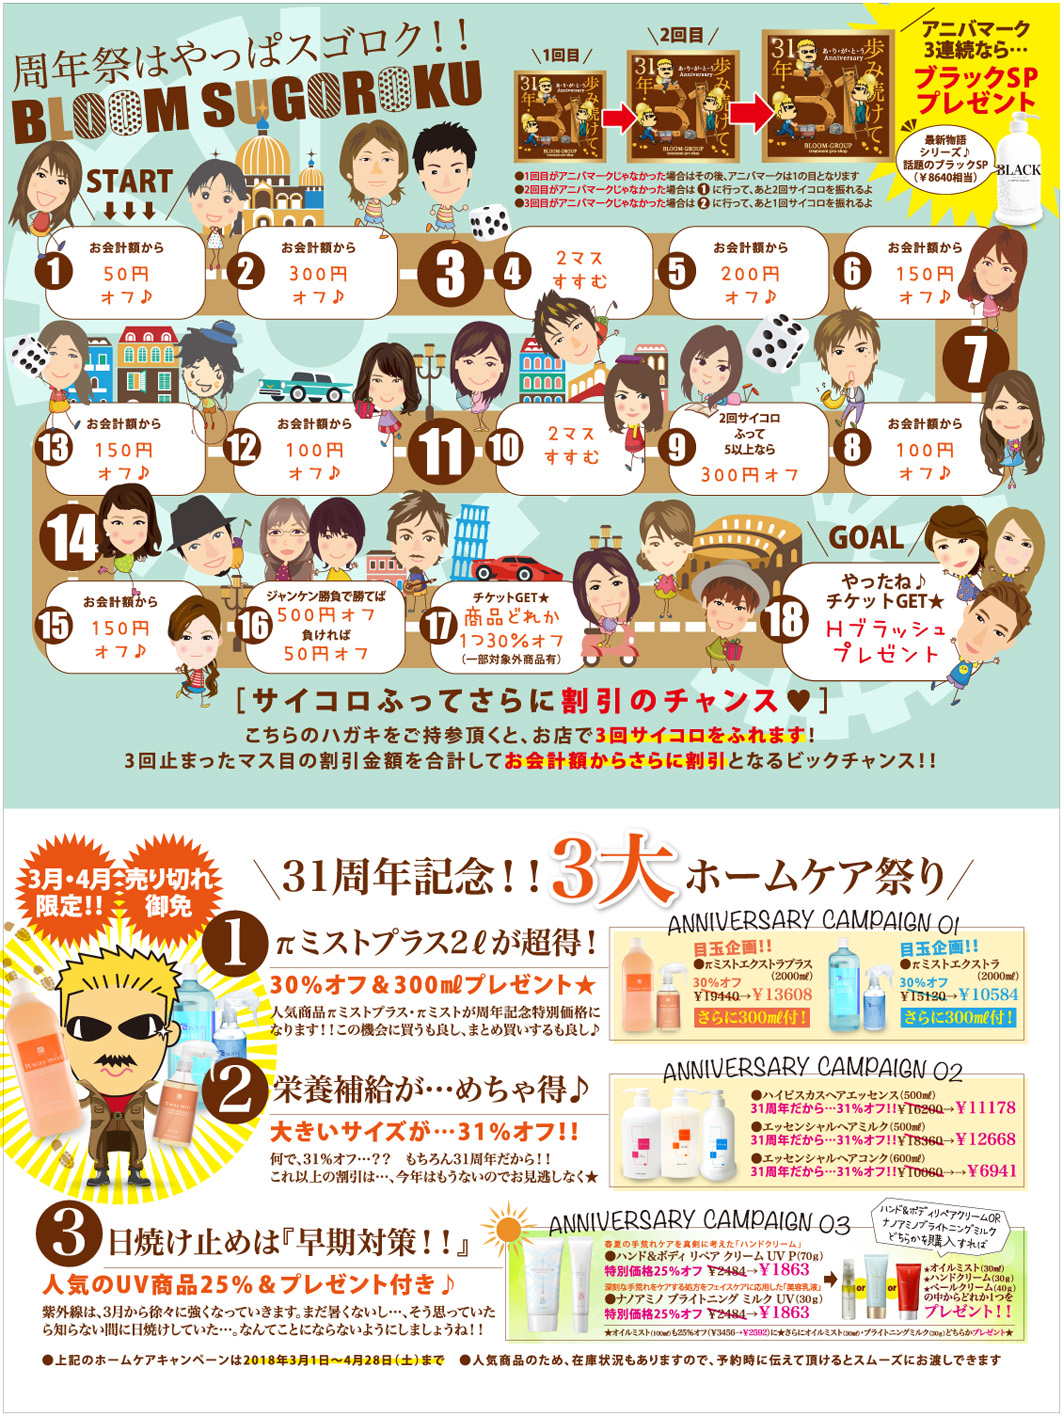 アフェクトミエル店  ★31周年企画★